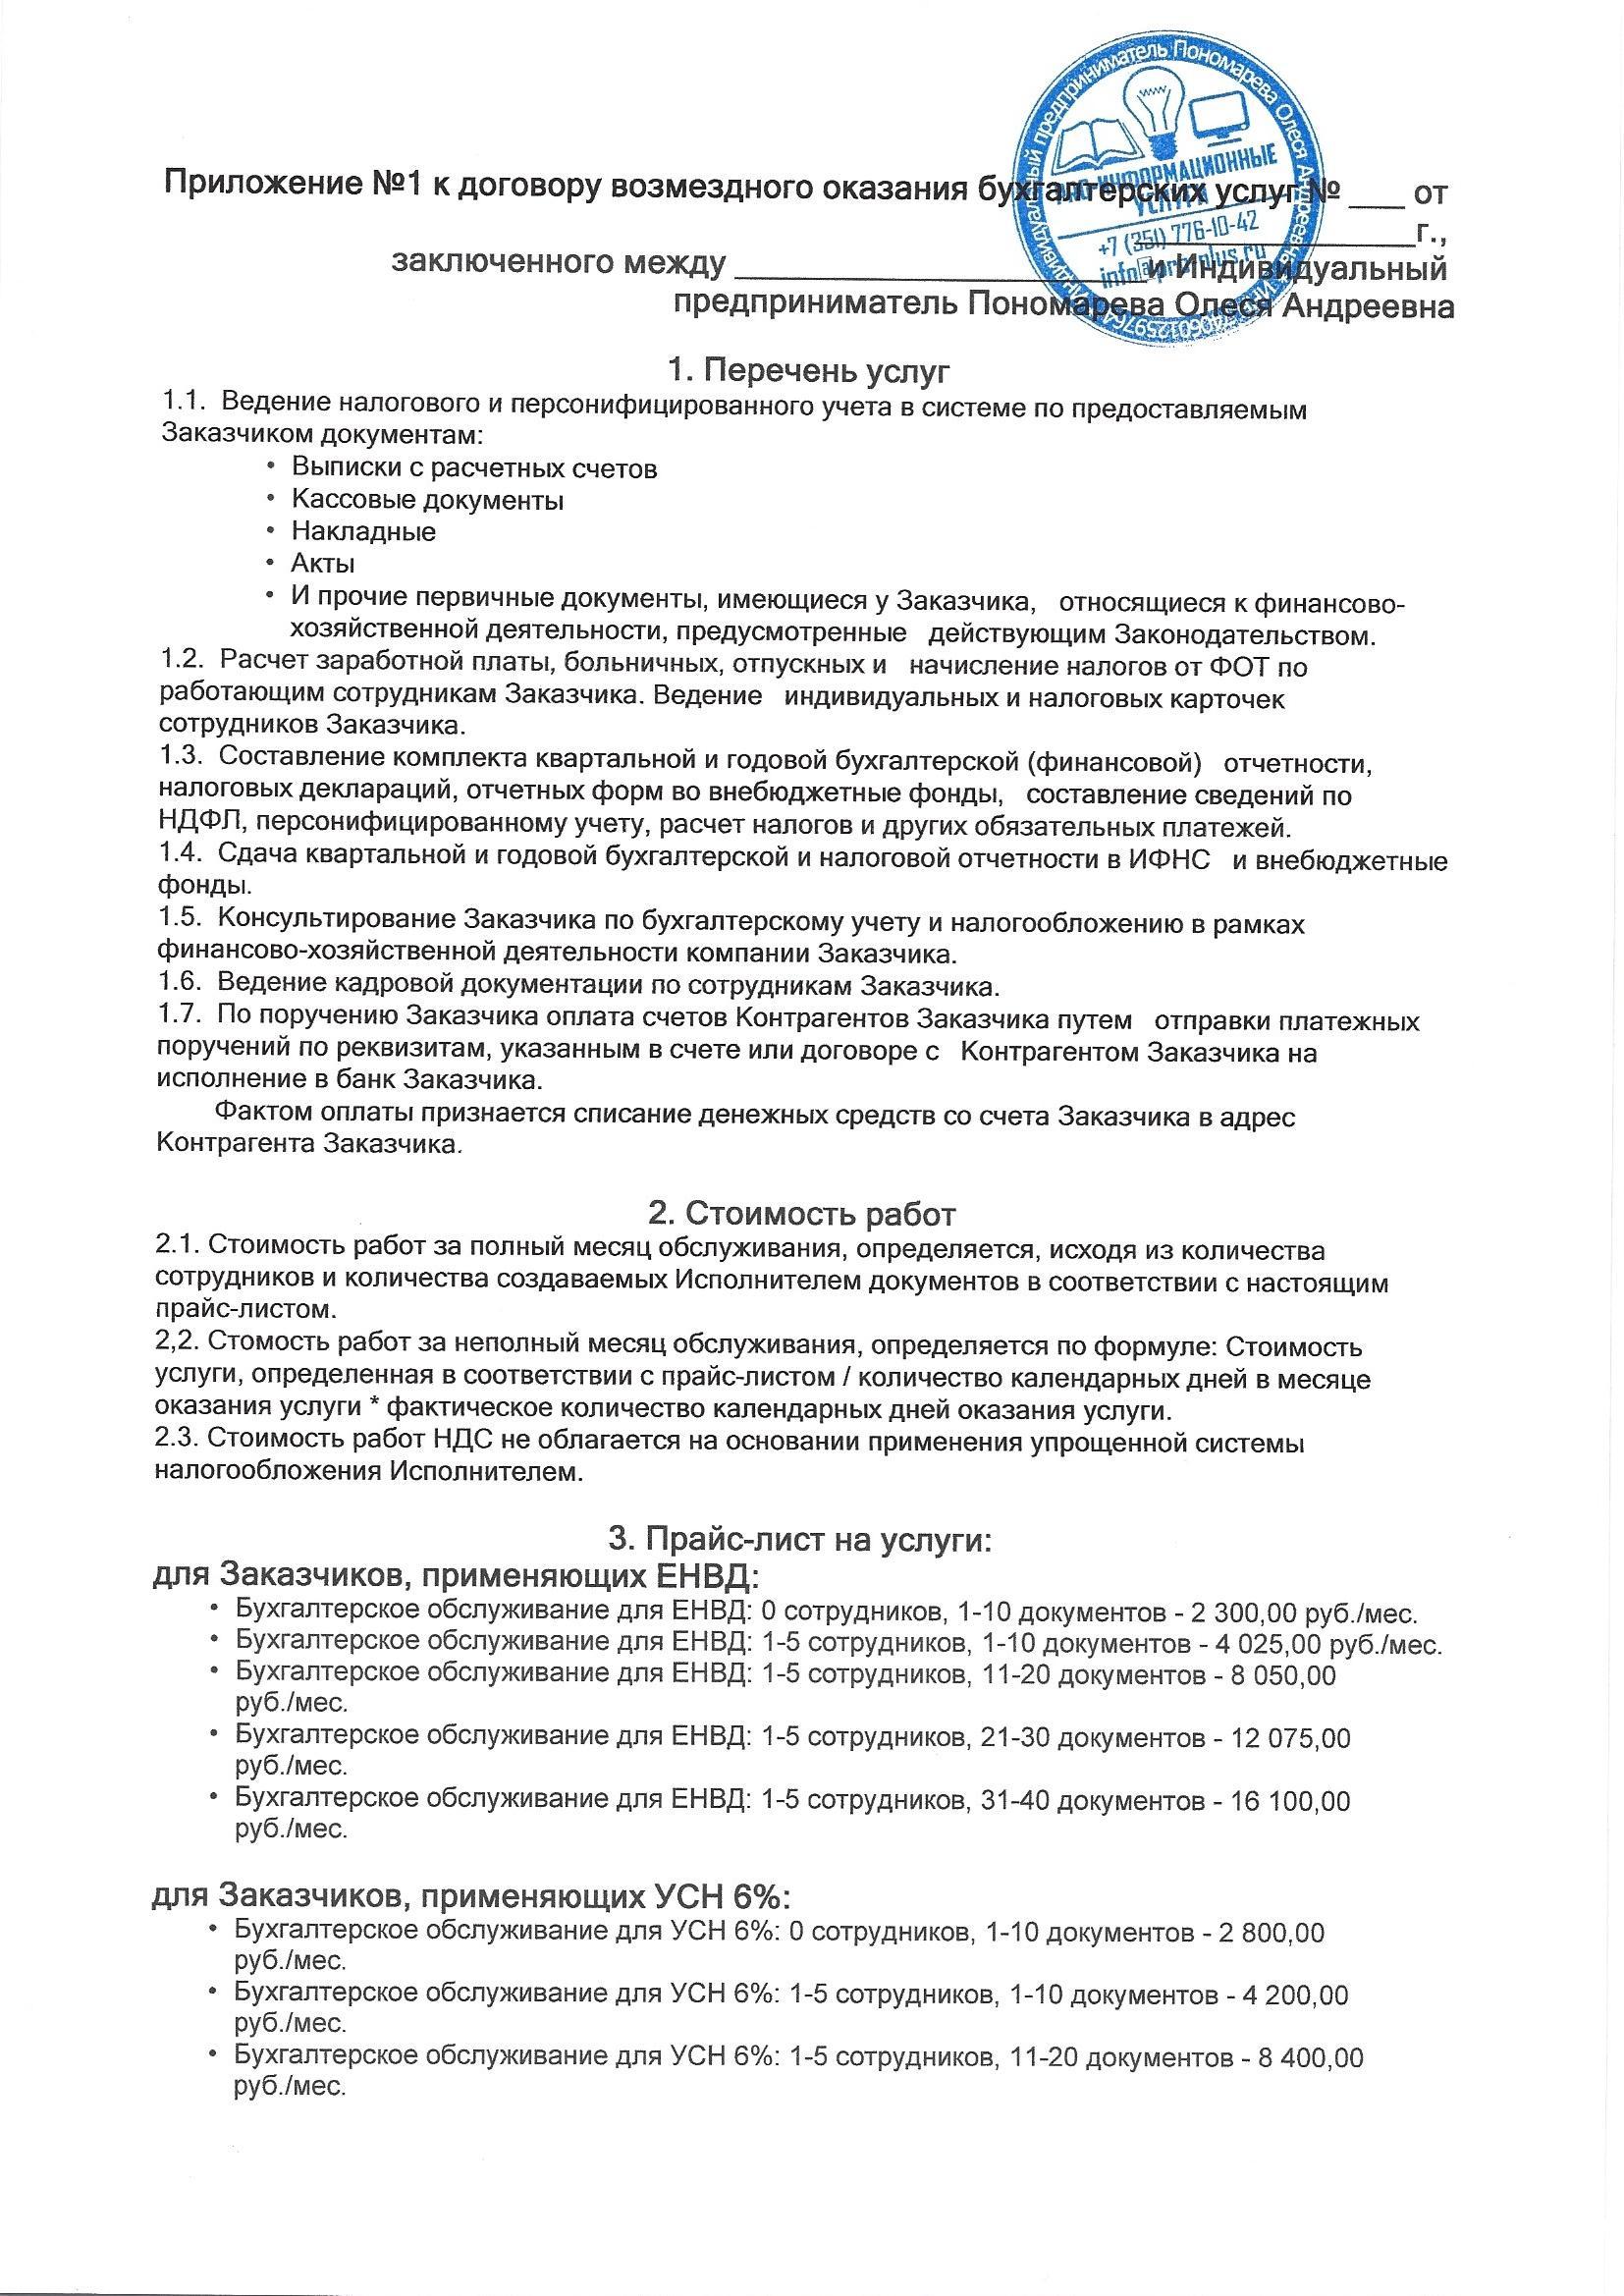 Договор сопровождения бухгалтерского учета ооо электронная отчетность калининград